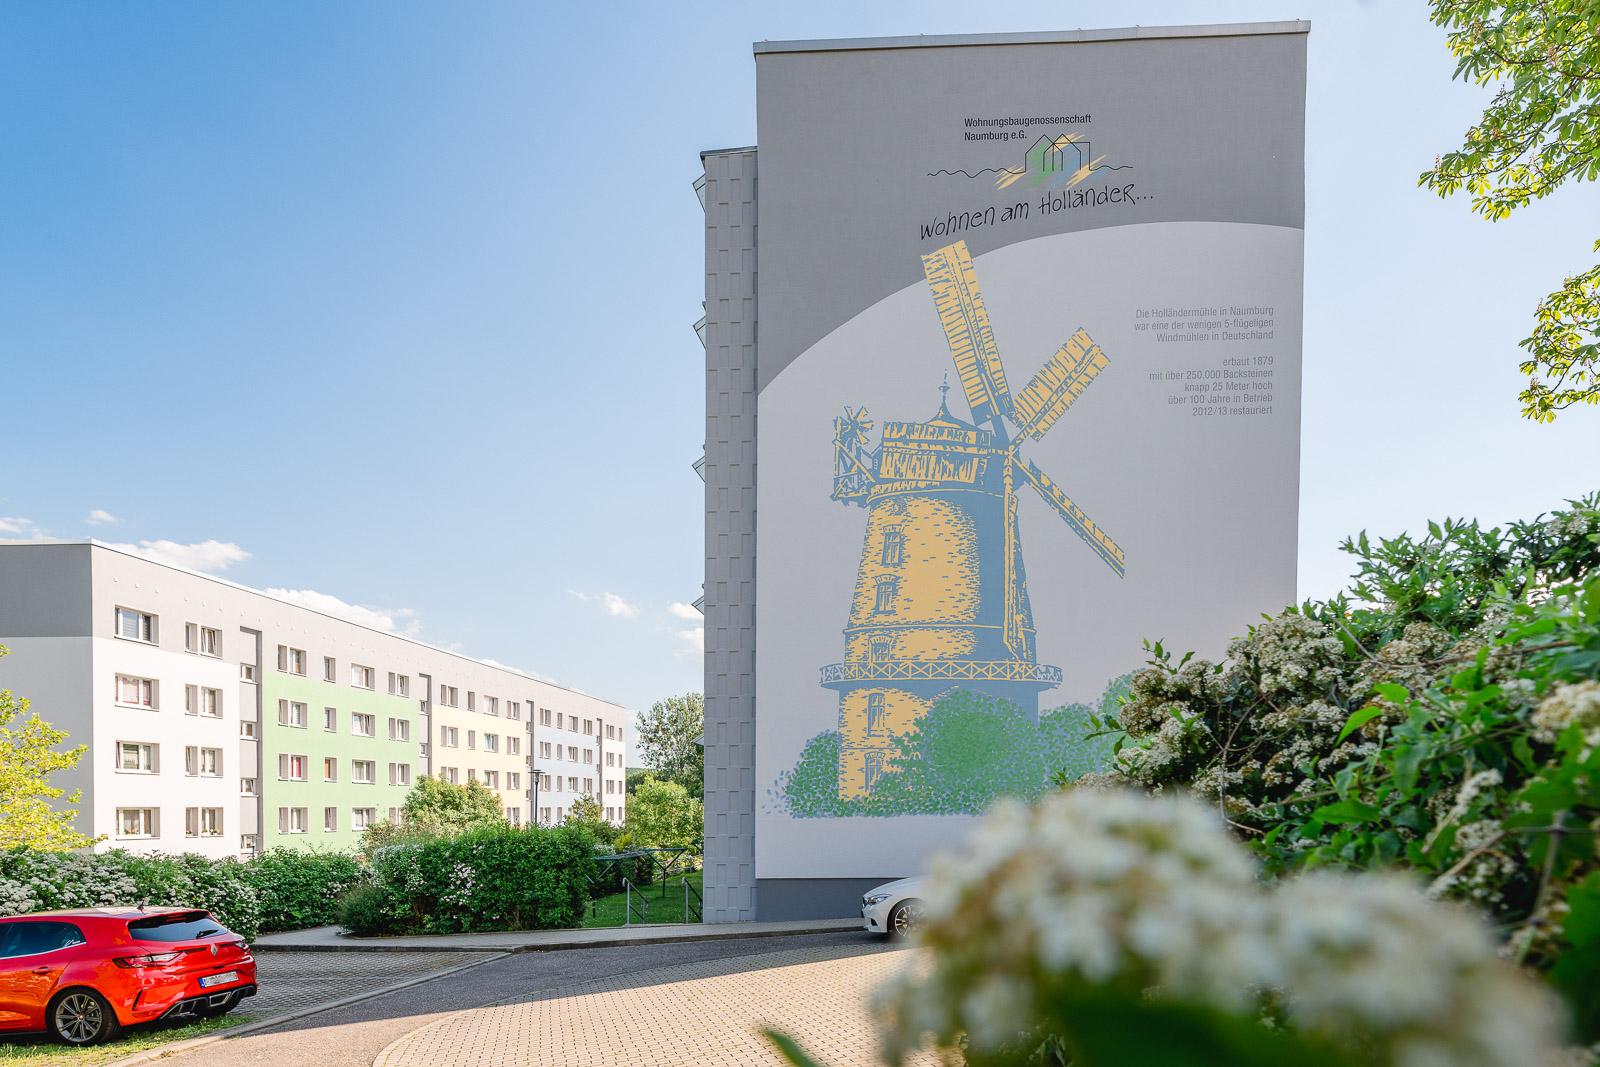 Wohnen am Holländer in Naumburg Saale